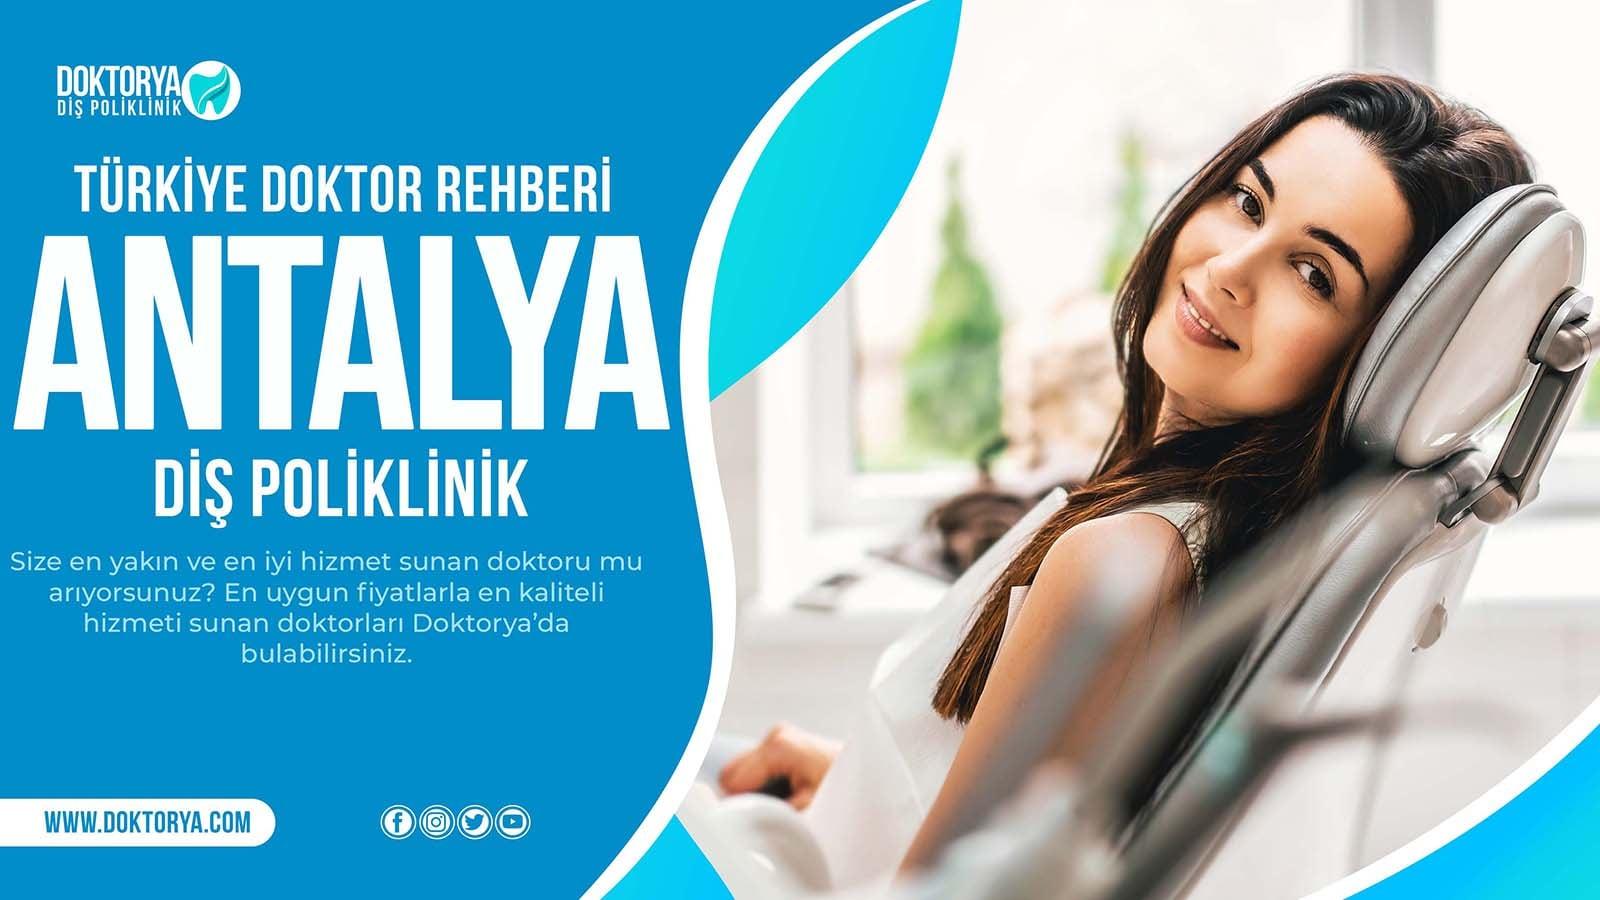 Antalya Diş Poliklinik